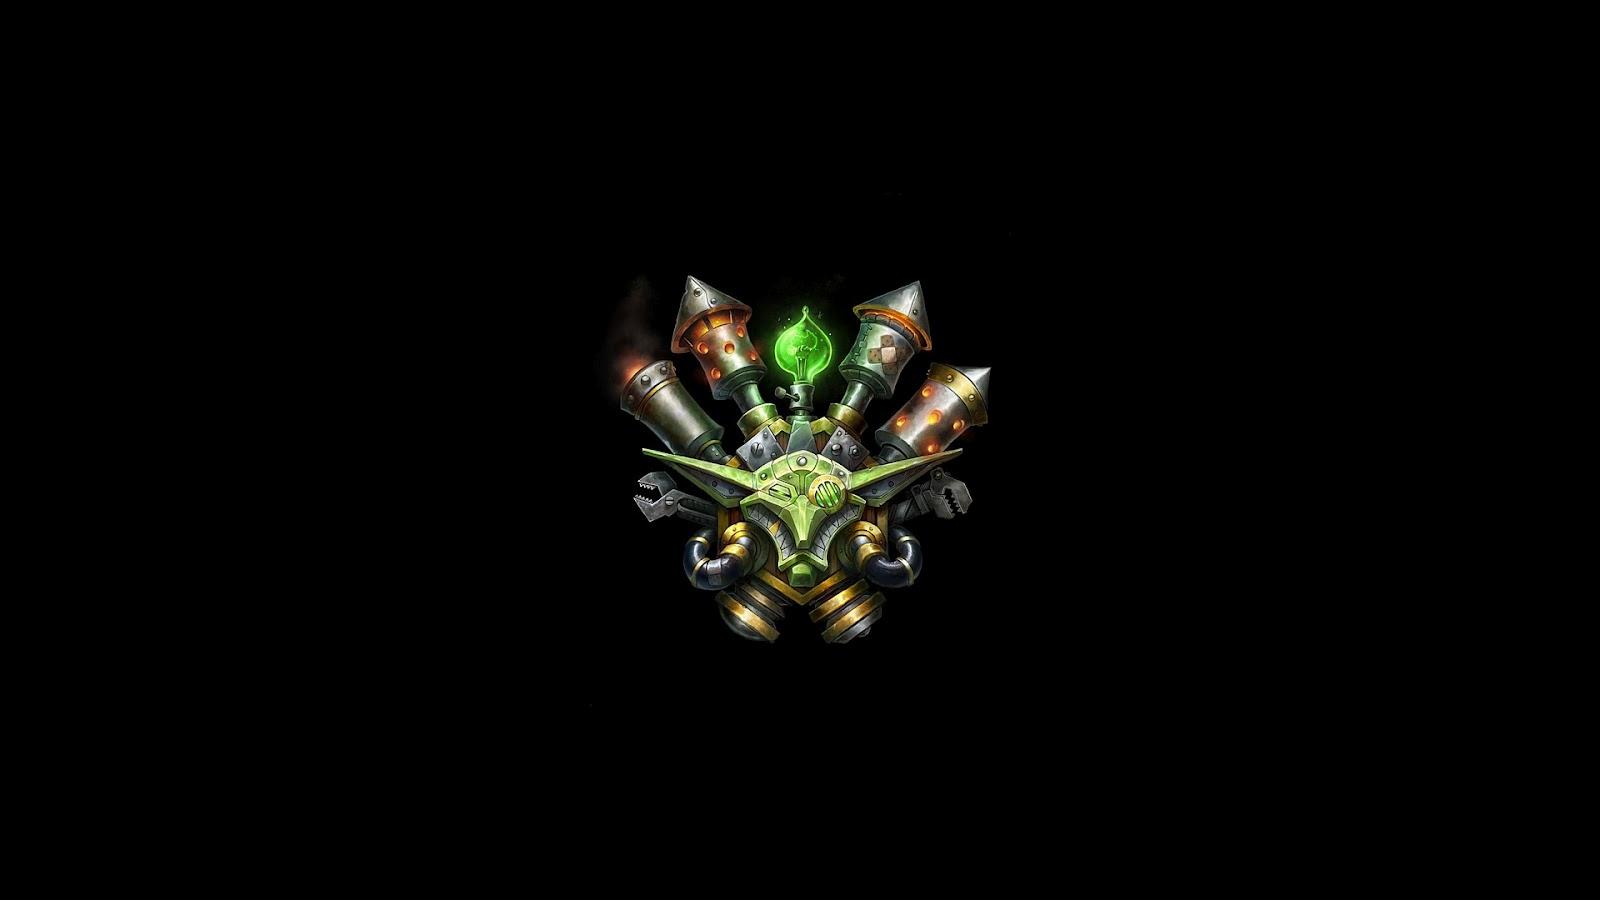 http://2.bp.blogspot.com/-yuWfYR9V0rs/UA6t09PhSPI/AAAAAAAAA9c/pUQueQwDoVA/s1600/World+of+Warcraft+wallpapers++goblin_crest_w1.jpg